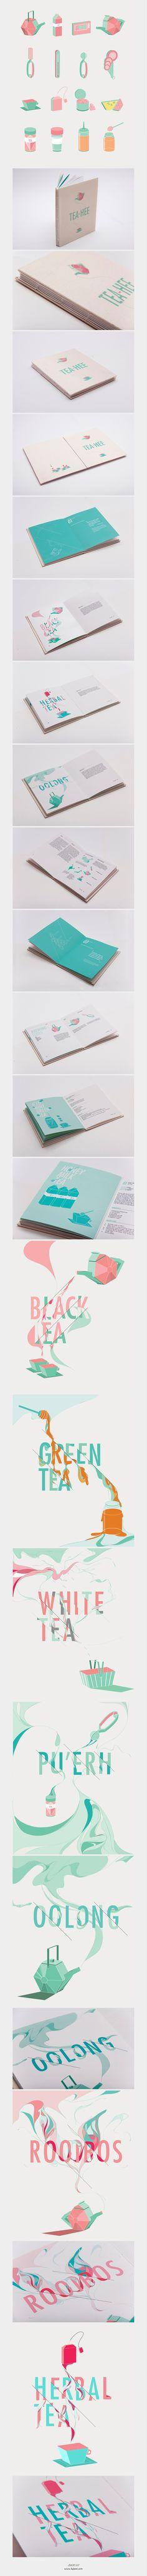 Tea-Hee Book by Jiani Lu